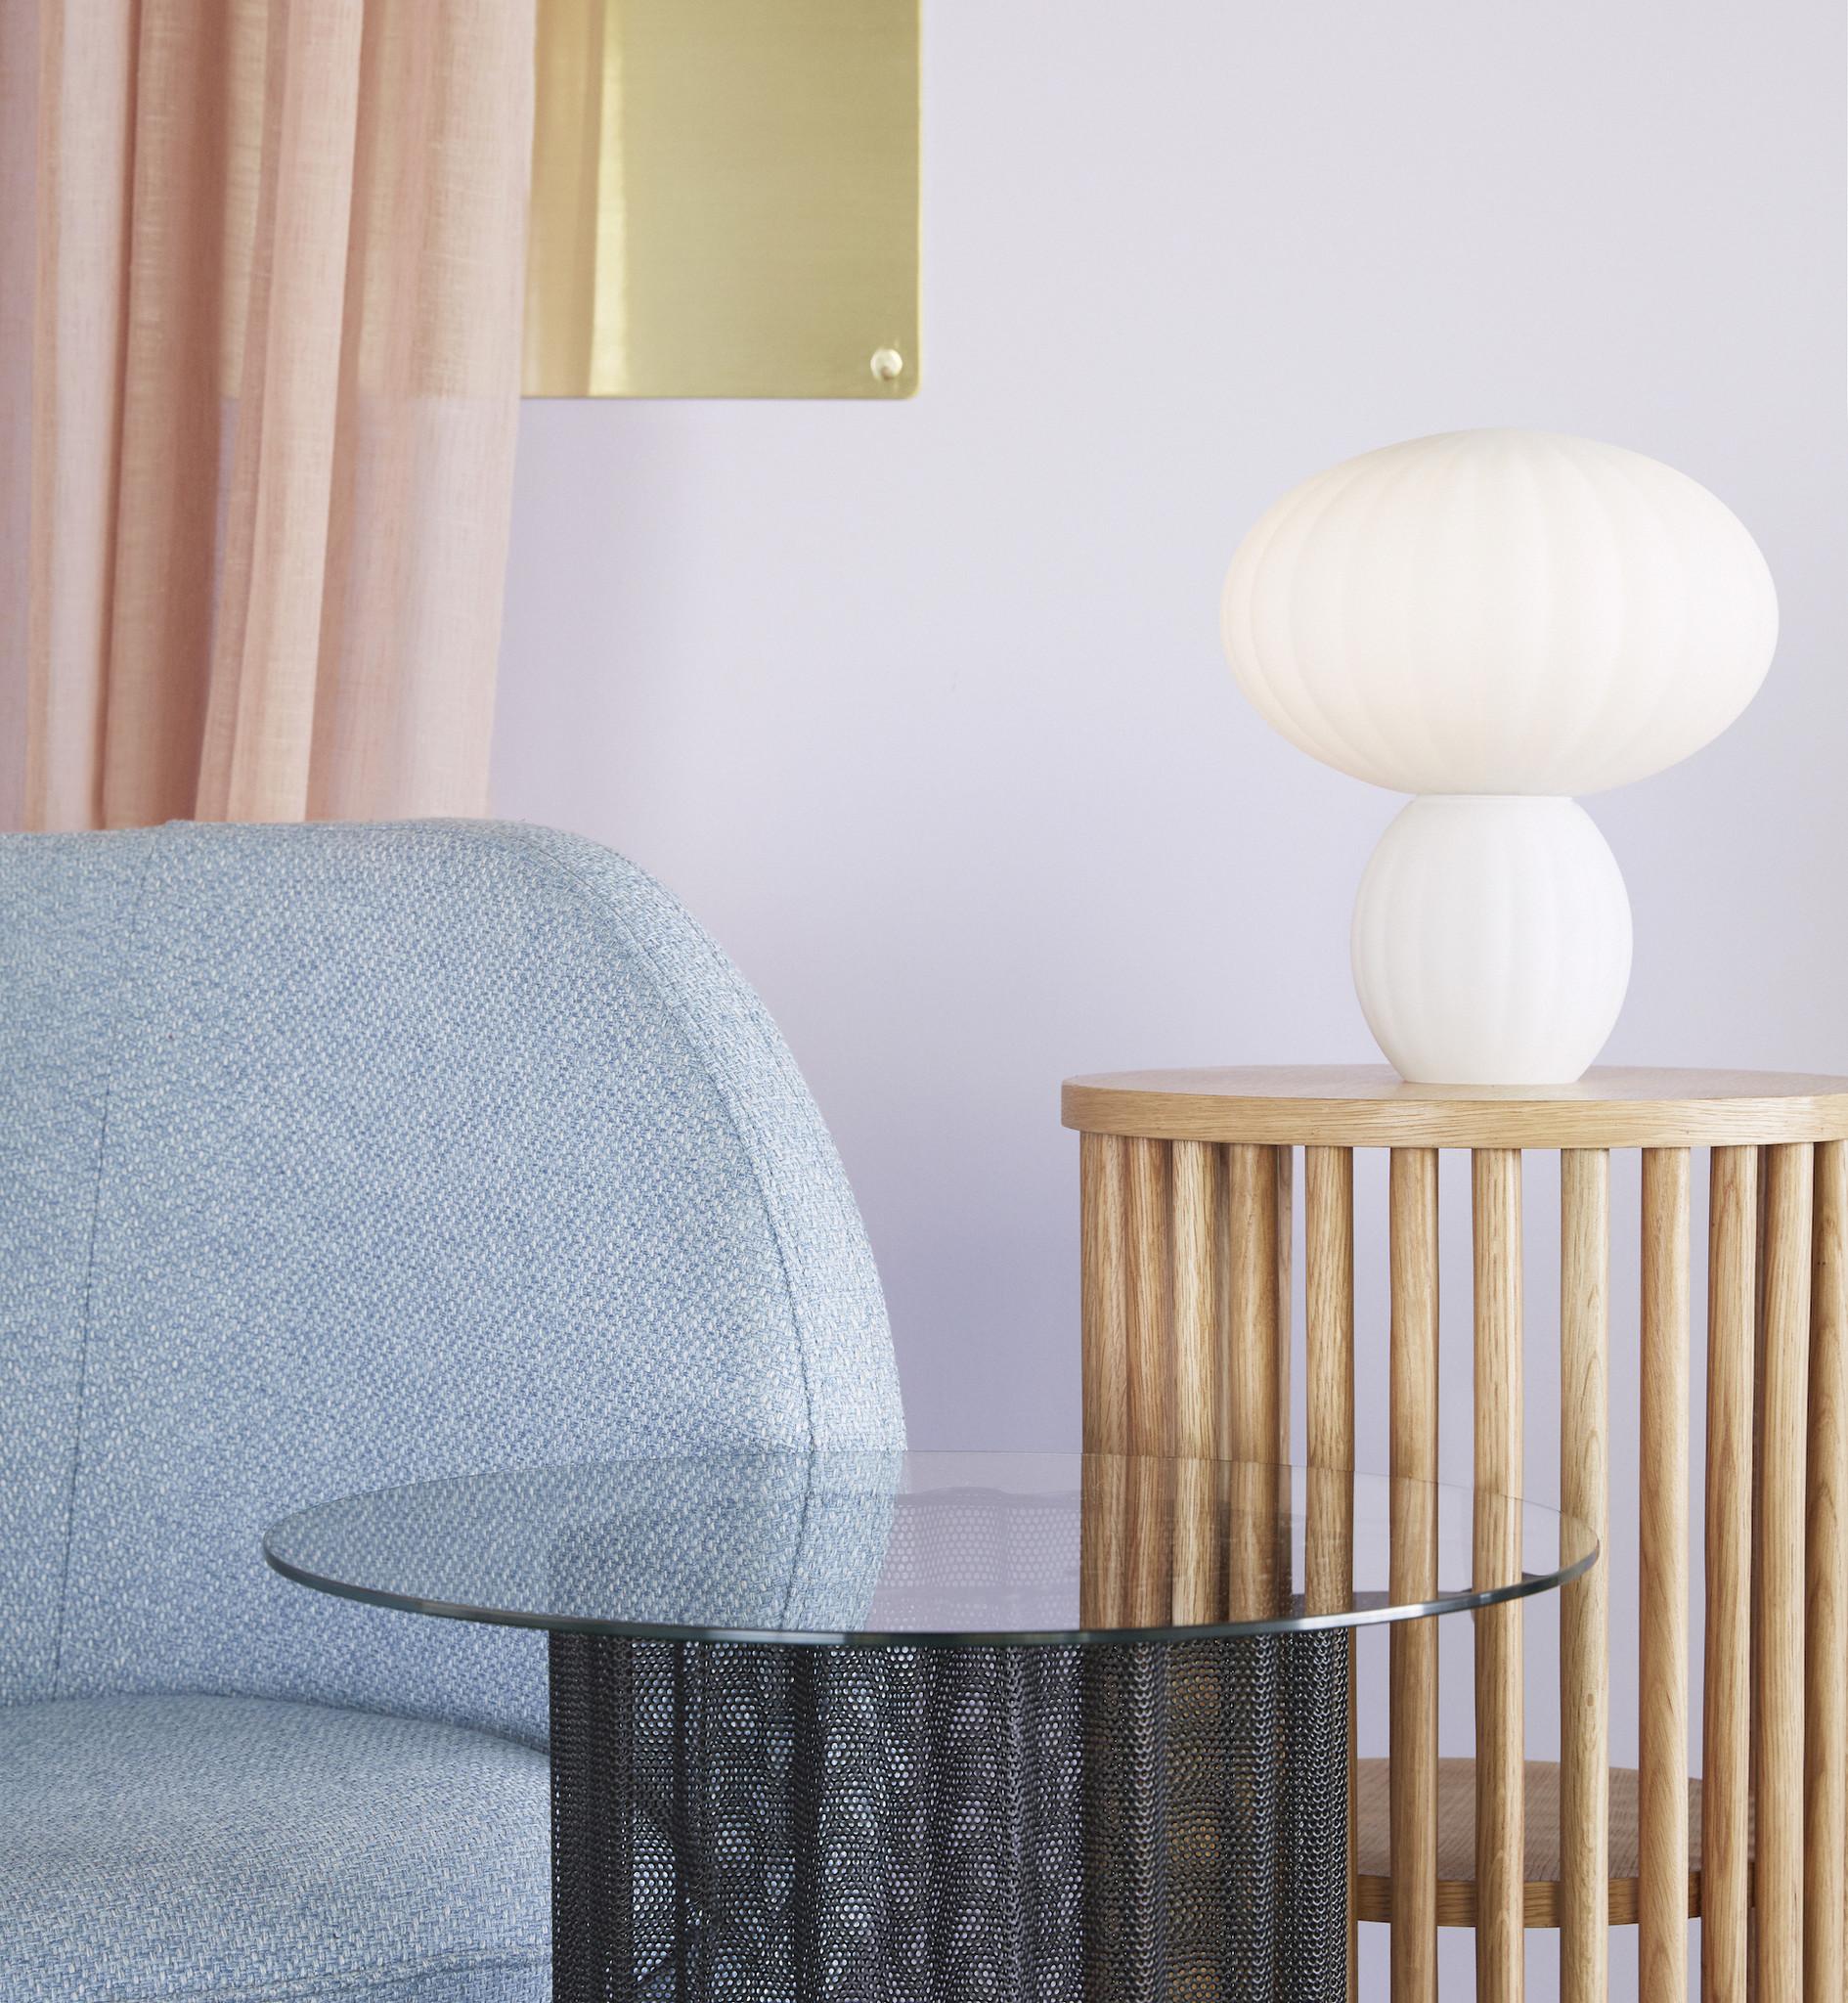 Hubsch Tafellamp glas/wit-991107-5712772072554